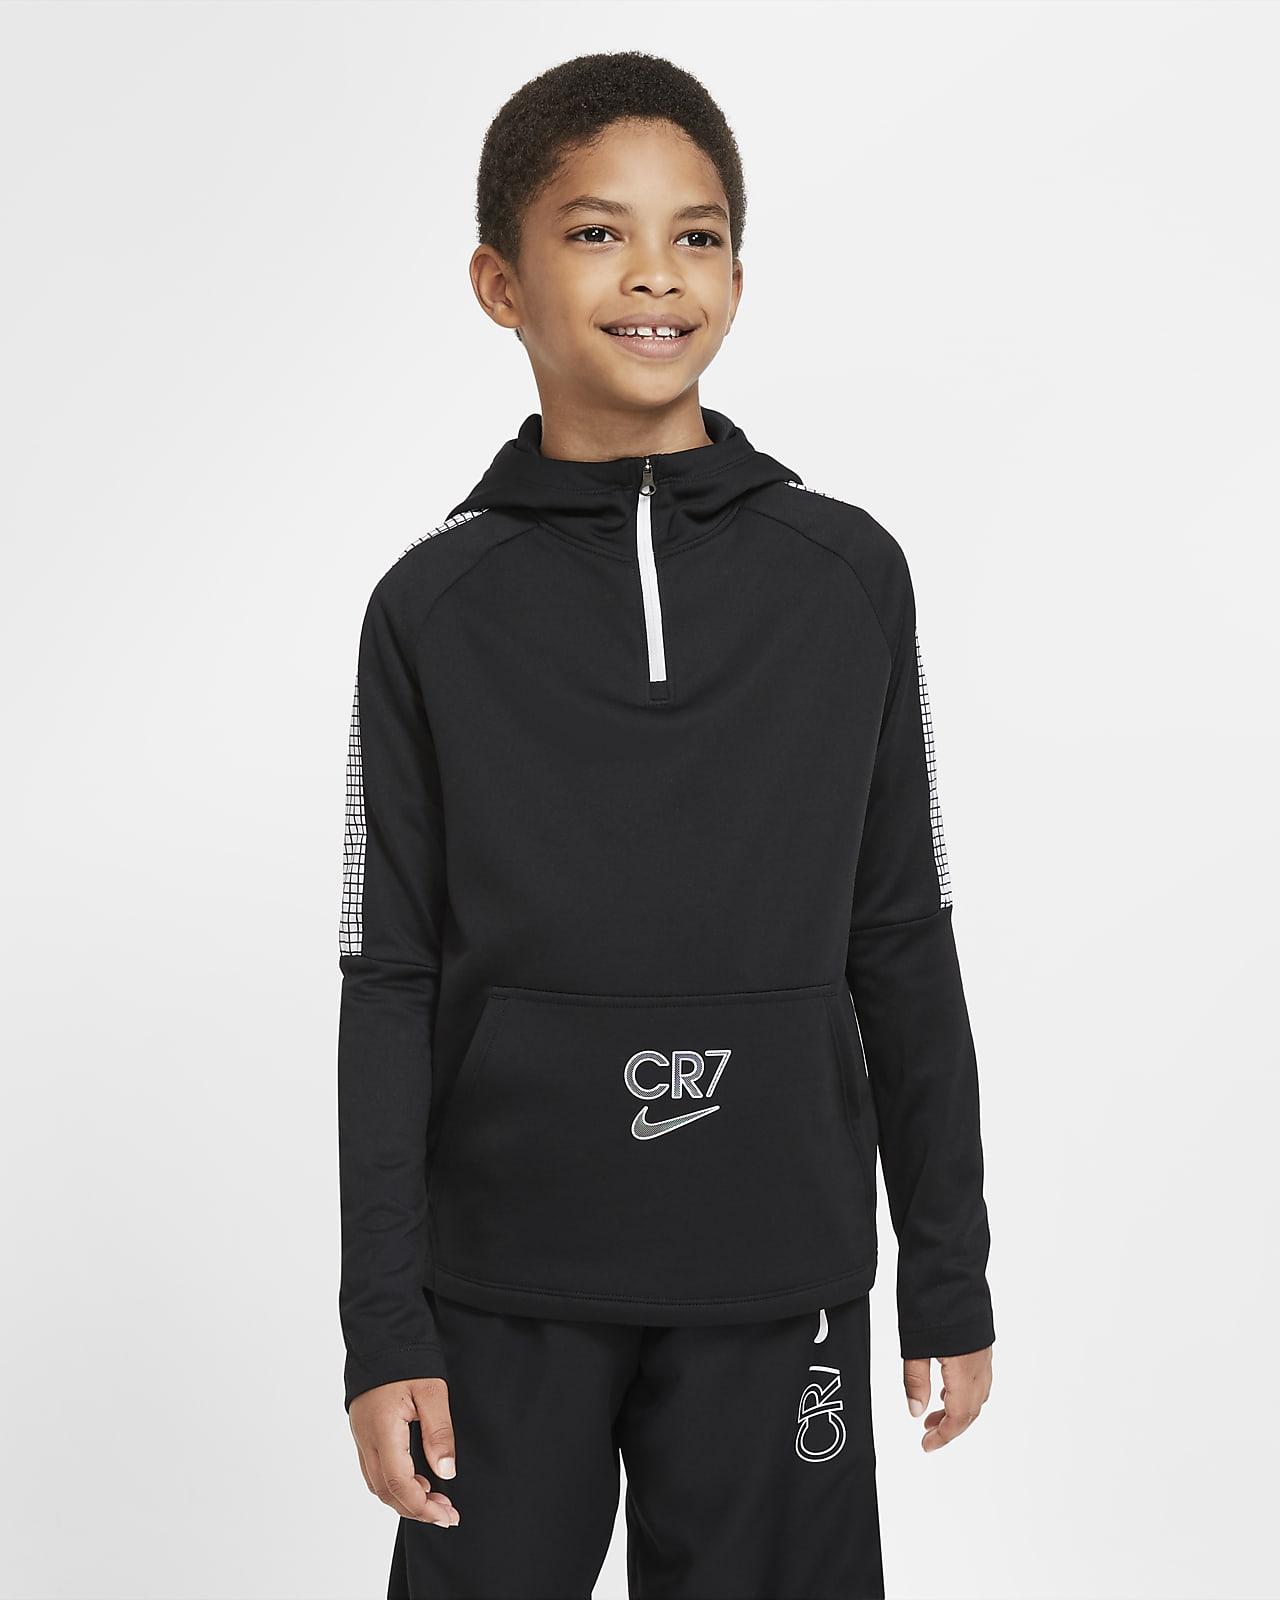 Nike Dri-FIT CR7-fodboldhættetrøje med kvart lynlås til store børn